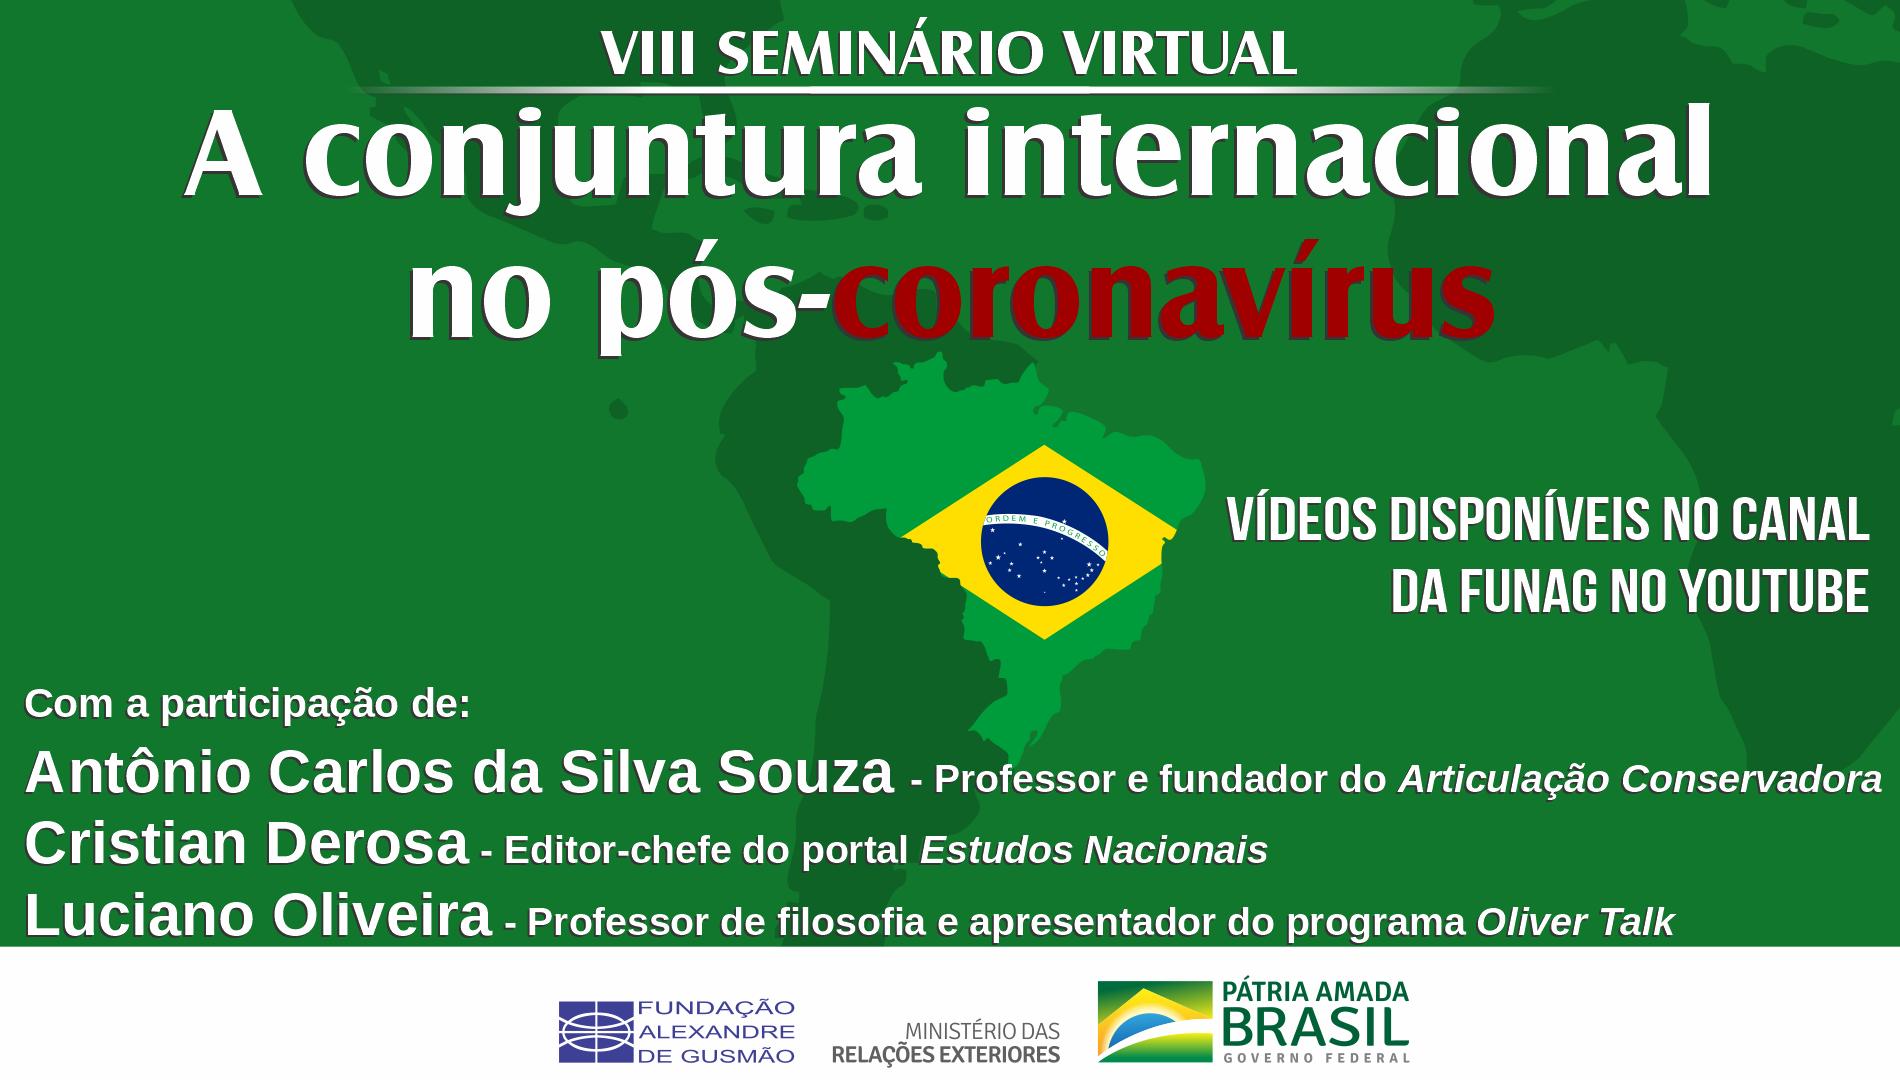 VIII seminário virtual sobre a conjuntura internacional no pós-coronavírus